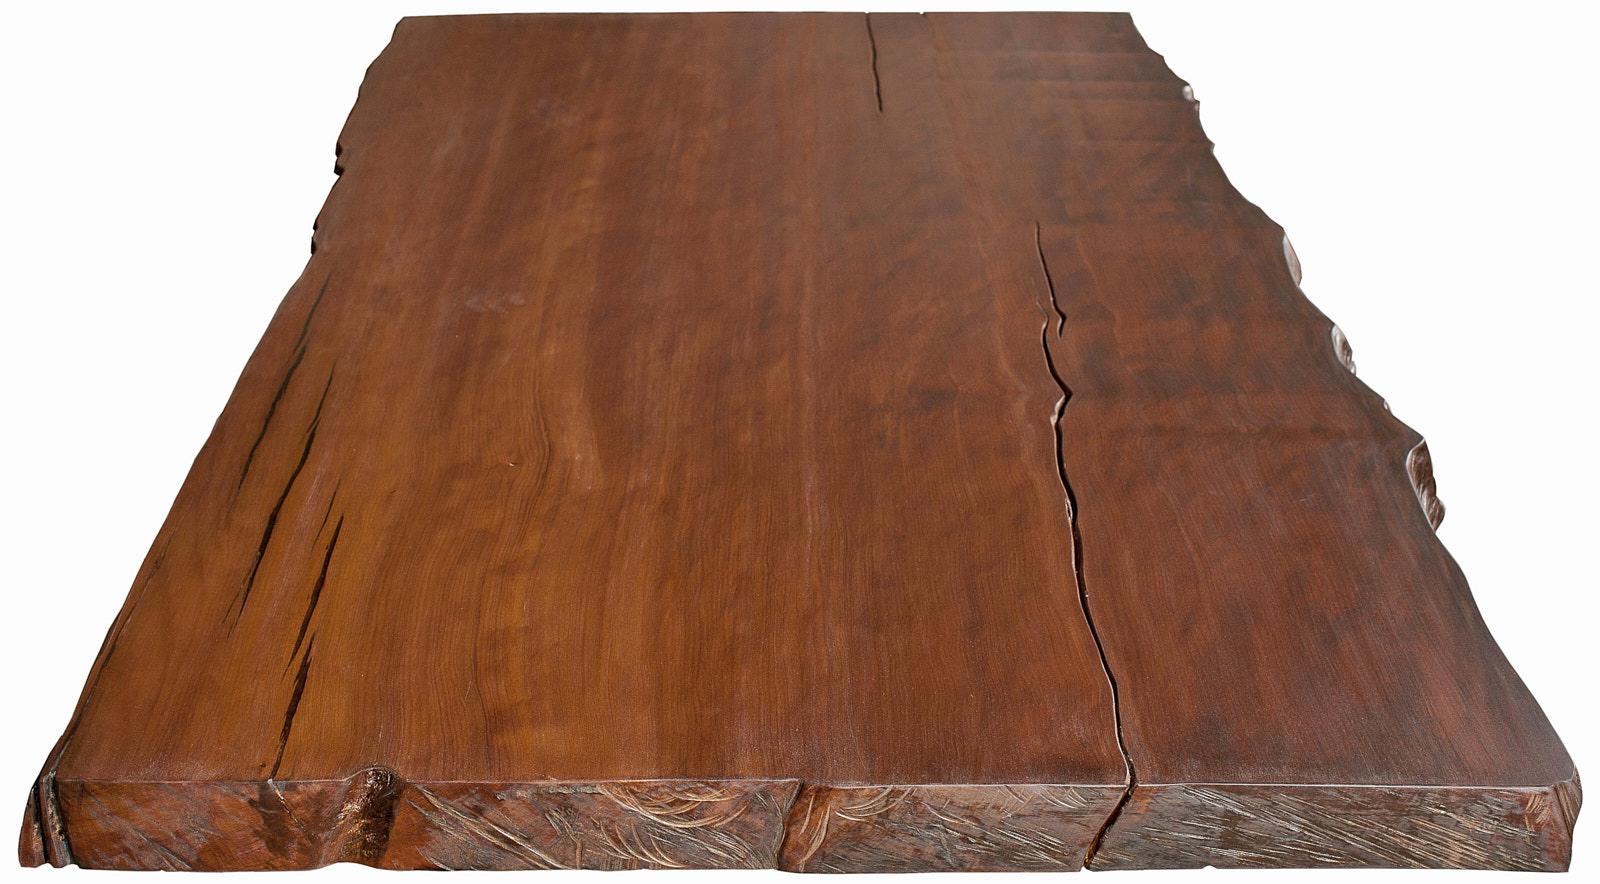 Ursprüngliche Tischplatte des Kauri Holztisches mit natürlichen Baumkanten in seiner unverfälschten Schönheit und Ursprünglichkeit, individuell angefertigt